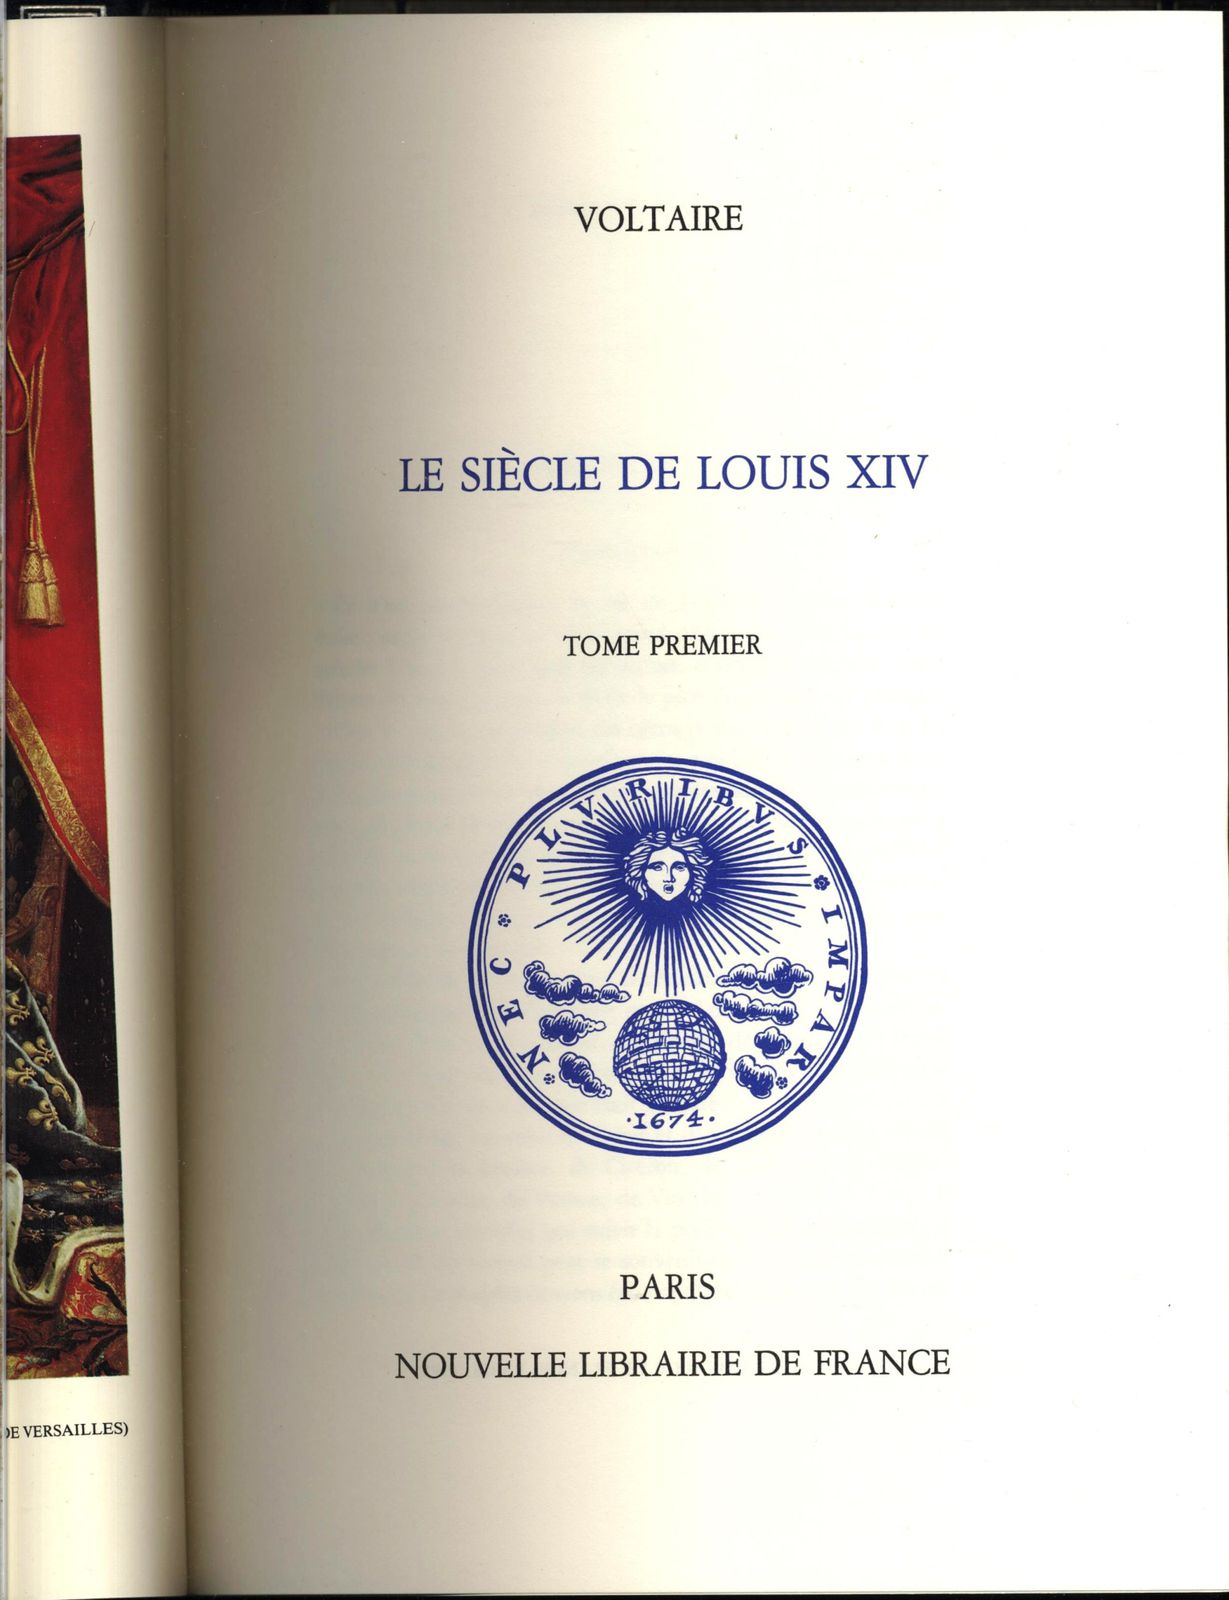 Le siècle de Louis XIV. 2 tomes par Voltaire Nouvelle librairie de France 1989